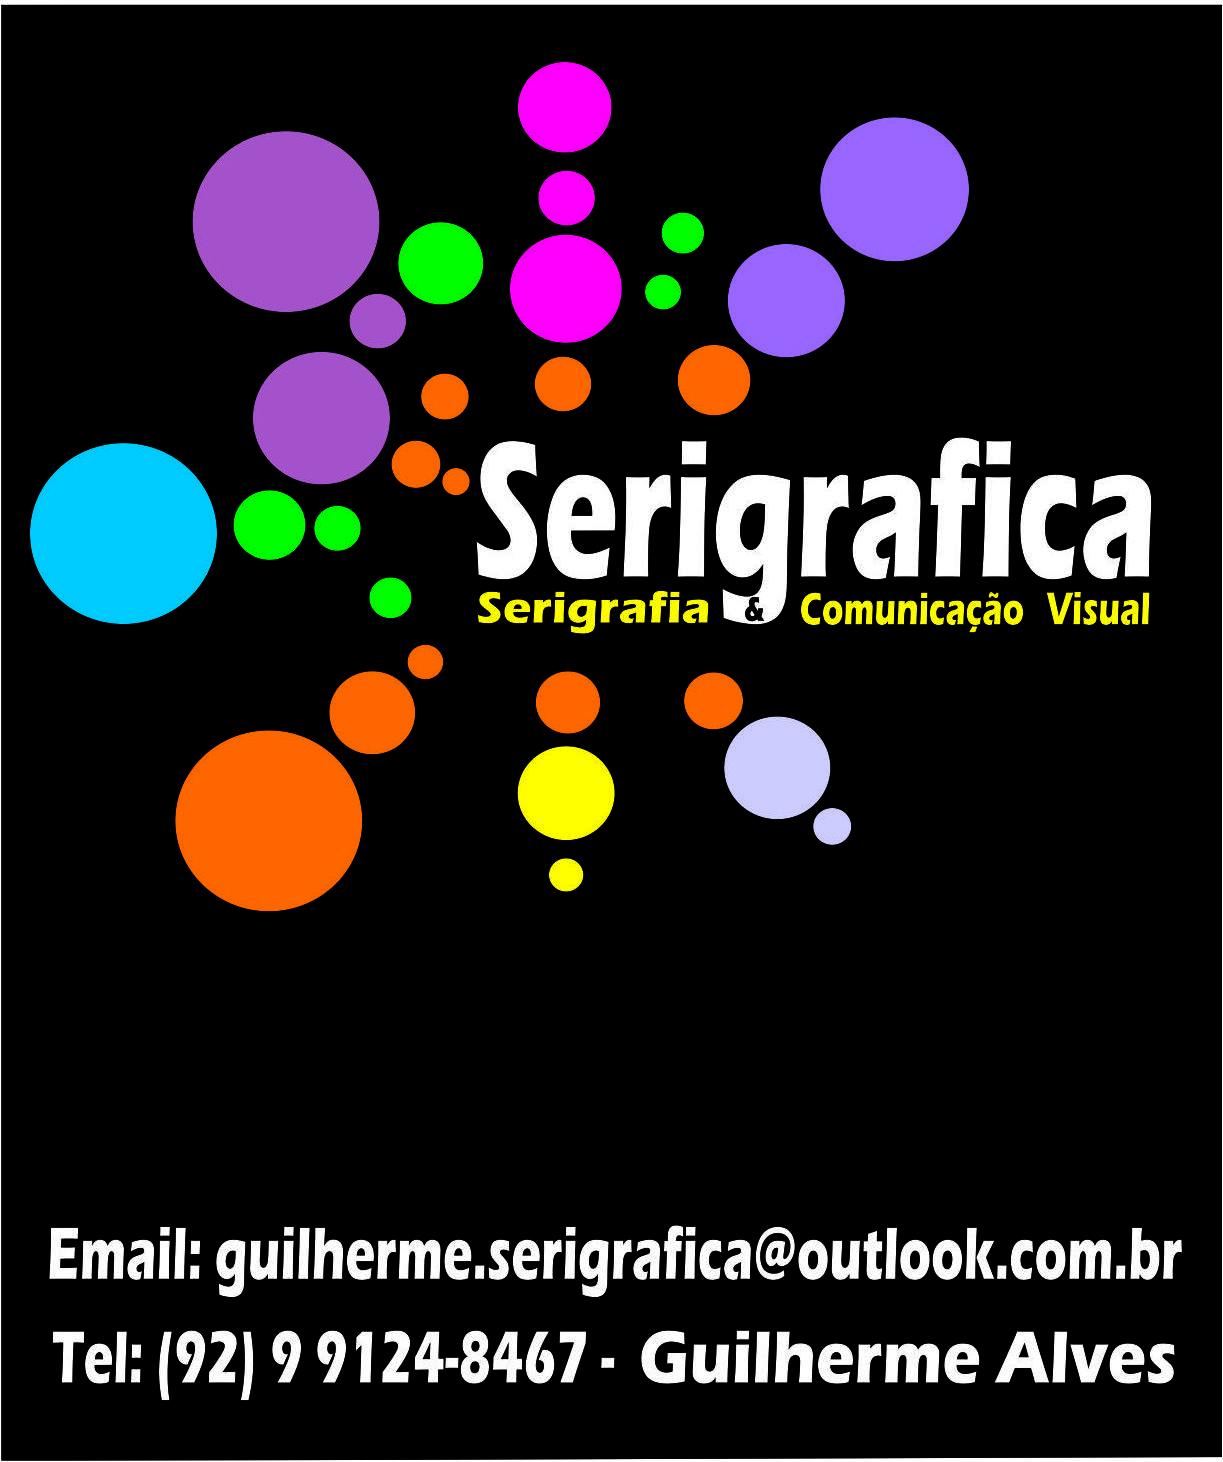 serigrafica serigrafia comunicação visual e serviços